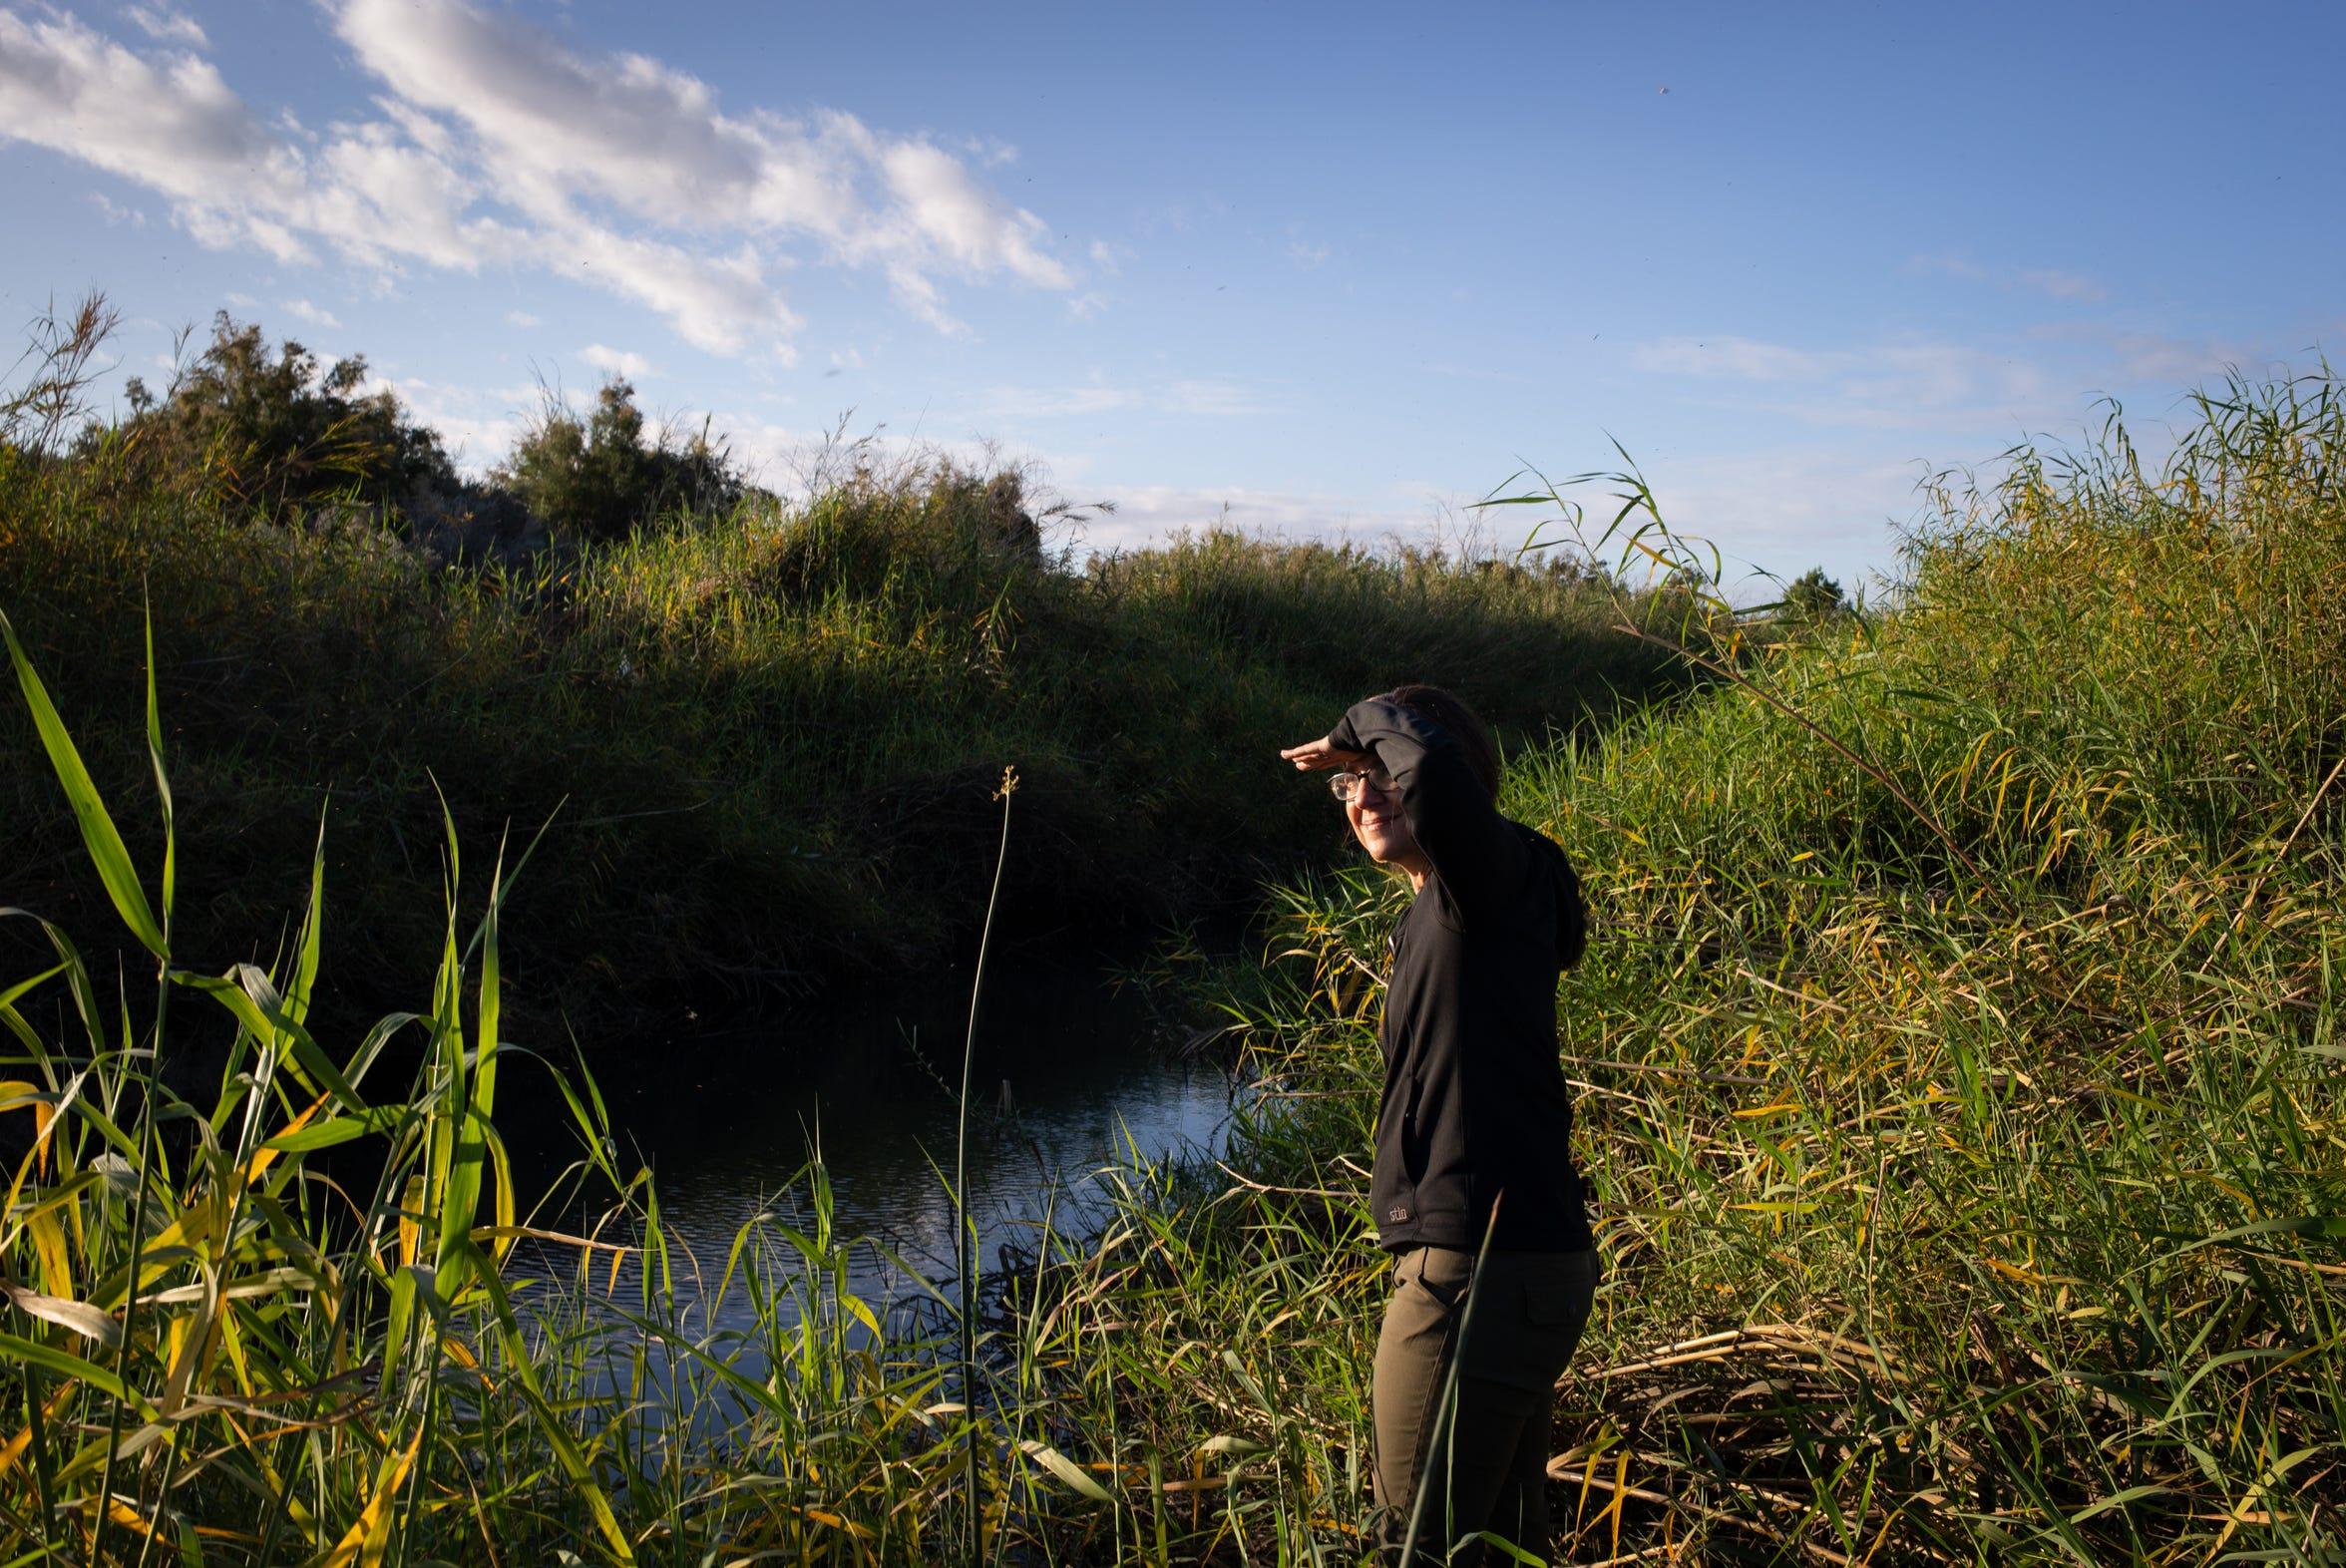 Jennifer Pitt, directora del programa del Río Colorado para la Sociedad Nacional Audubon, se encuentra junto al canal del Río Colorado, justo al sur de la presa Morelos en México el 2 de marzo de 2020.